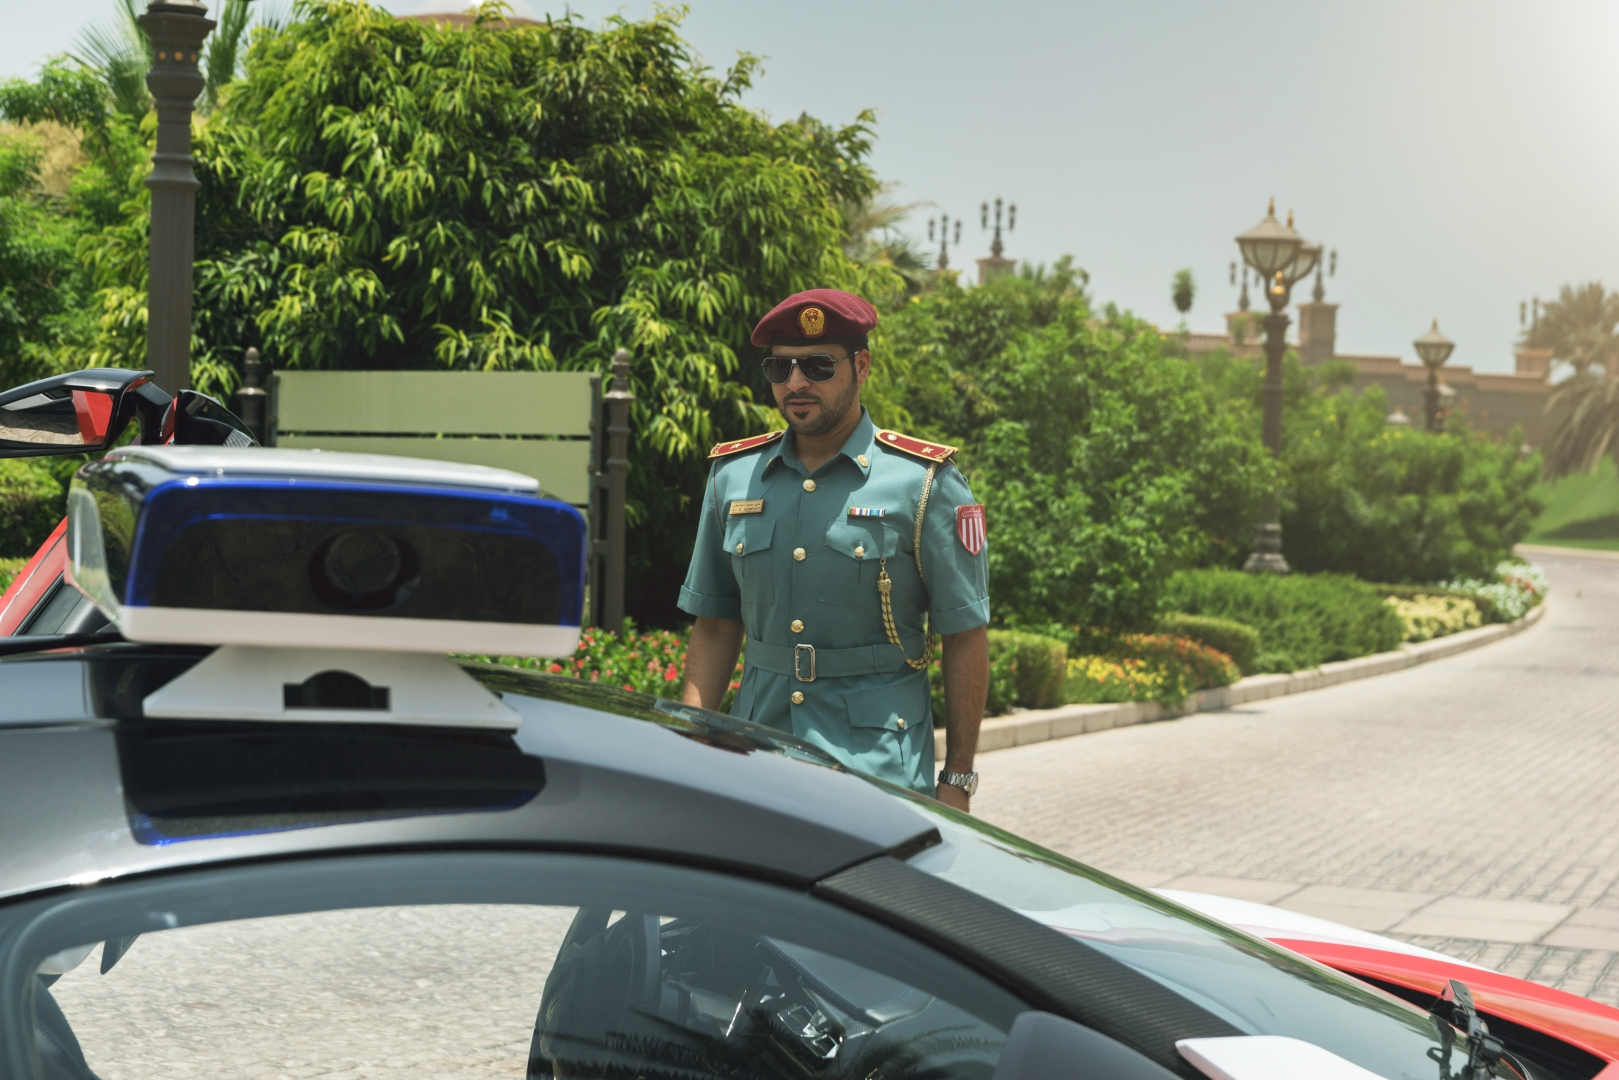 Полицейский. Абу-Даби